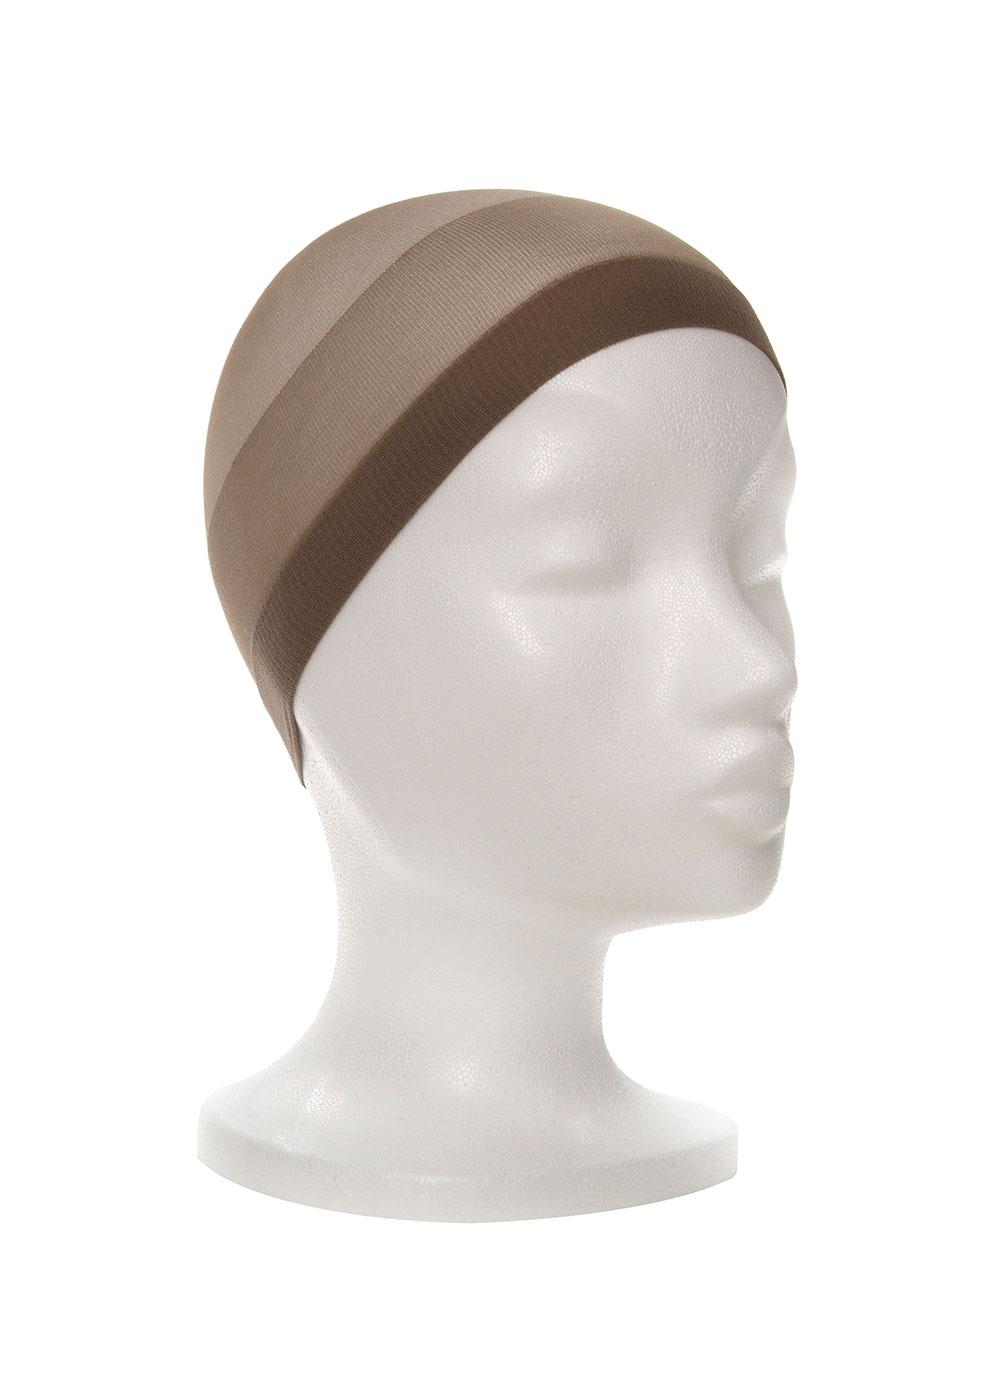 Ellen Wille Kopfbedeckung: Wig Cap Nylon